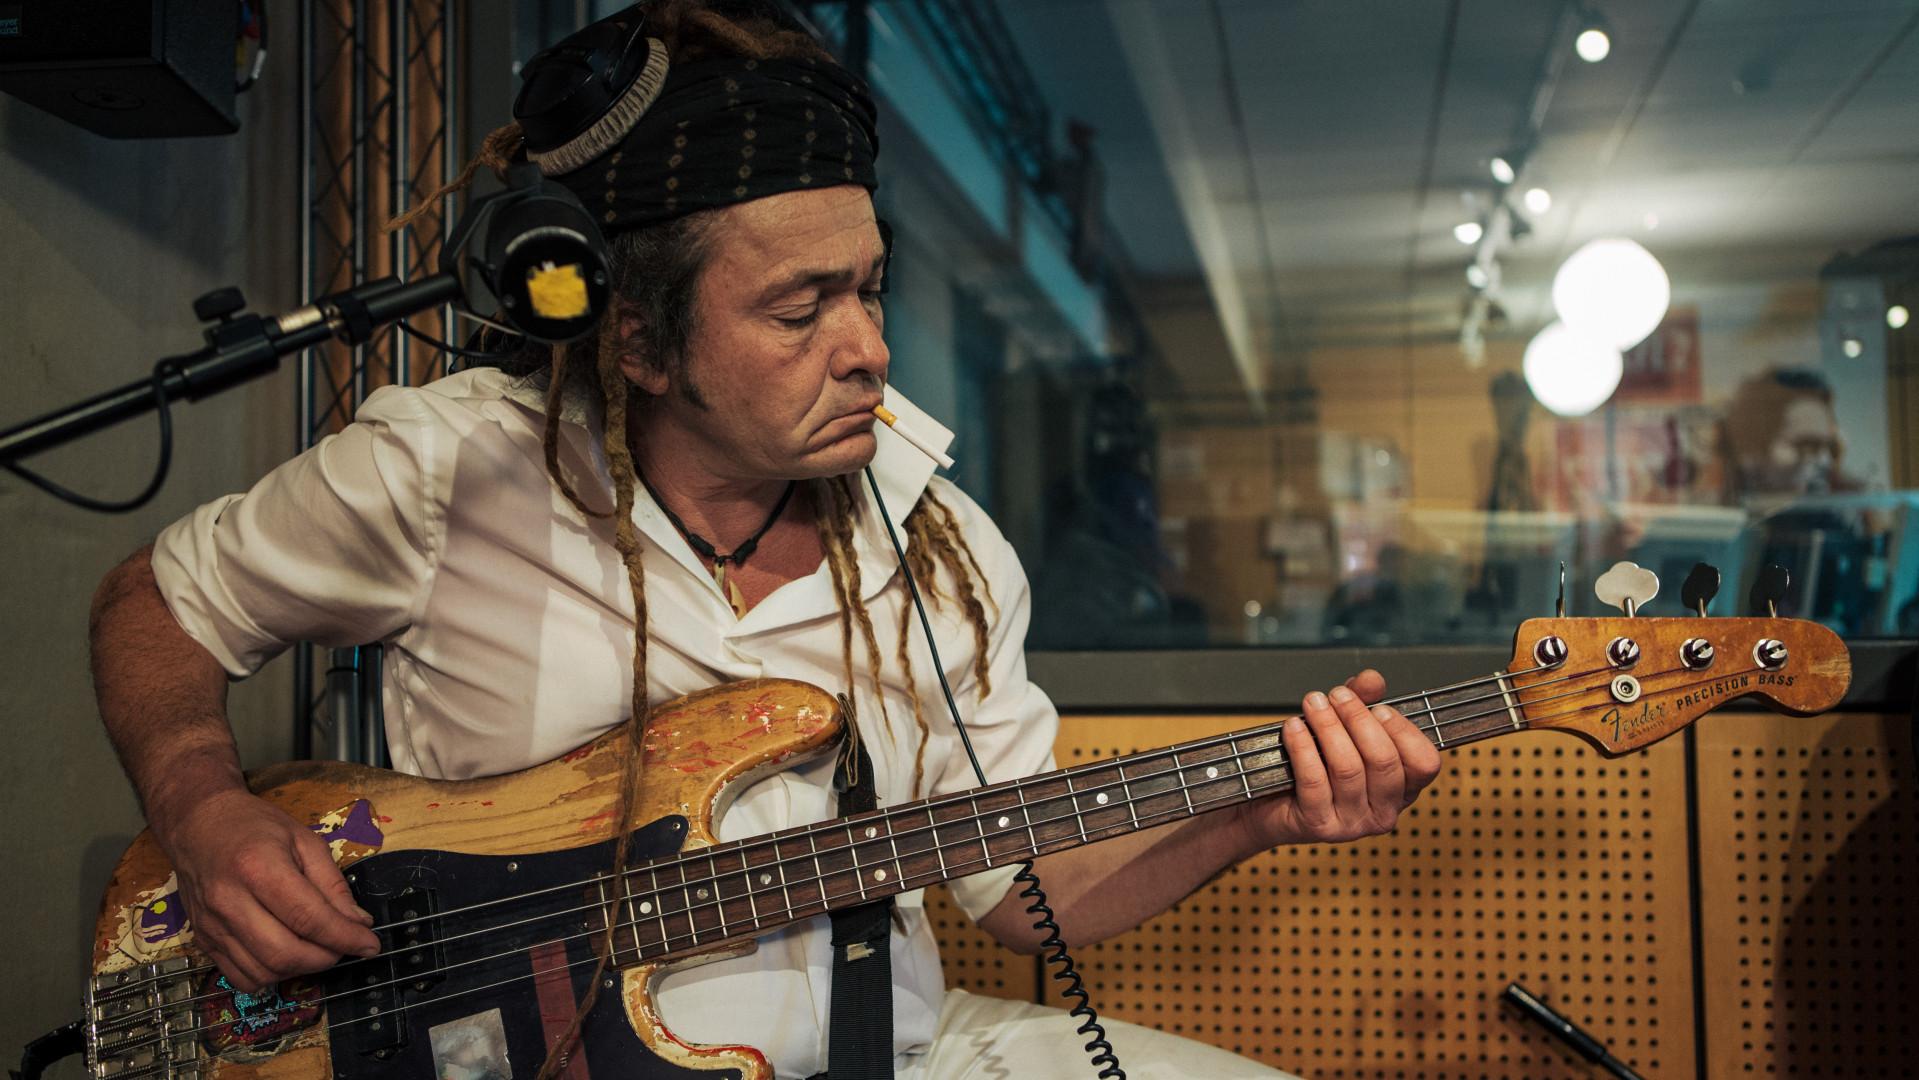 Daniel Lorca de Nada Surf en session dans les studios de RTL2